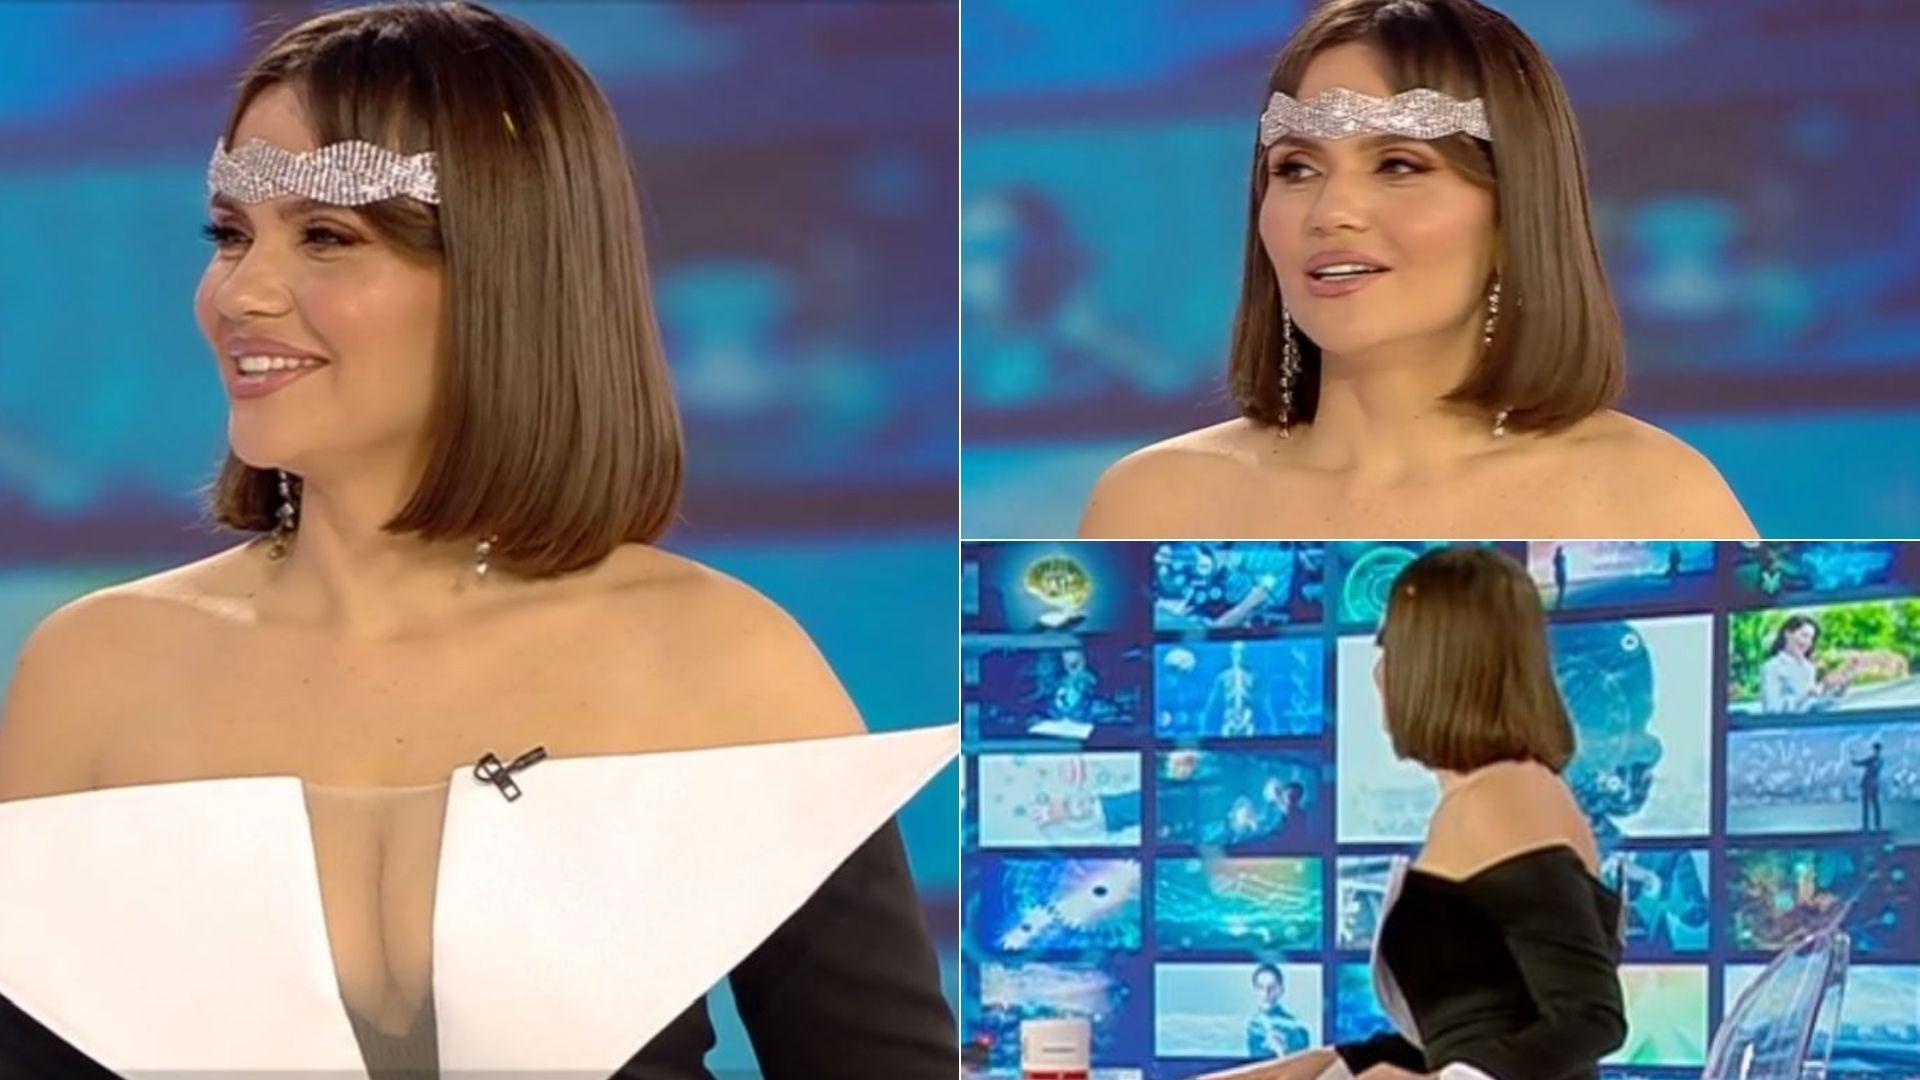 Cristina Siscanu intr-o rochie foarte decoltata in platoul observator unde a vorbit despre mamici cu lipici